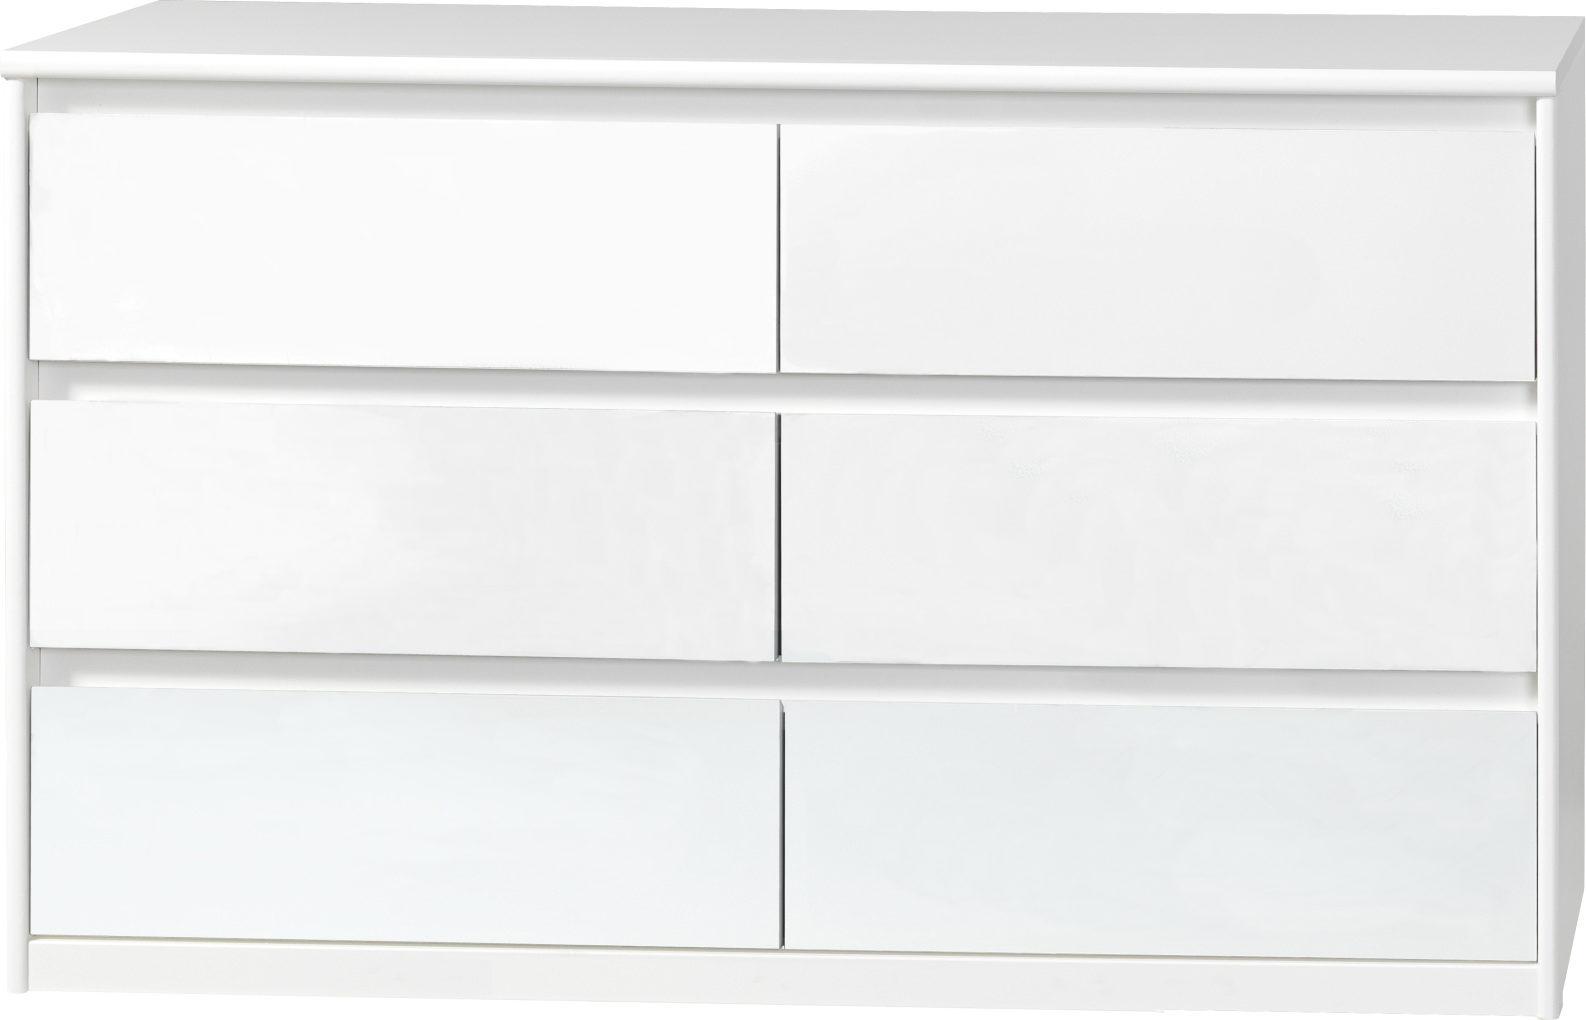 Trendwerk by Möbel Busch | Räume | Schlafzimmer | CS Schmal ...